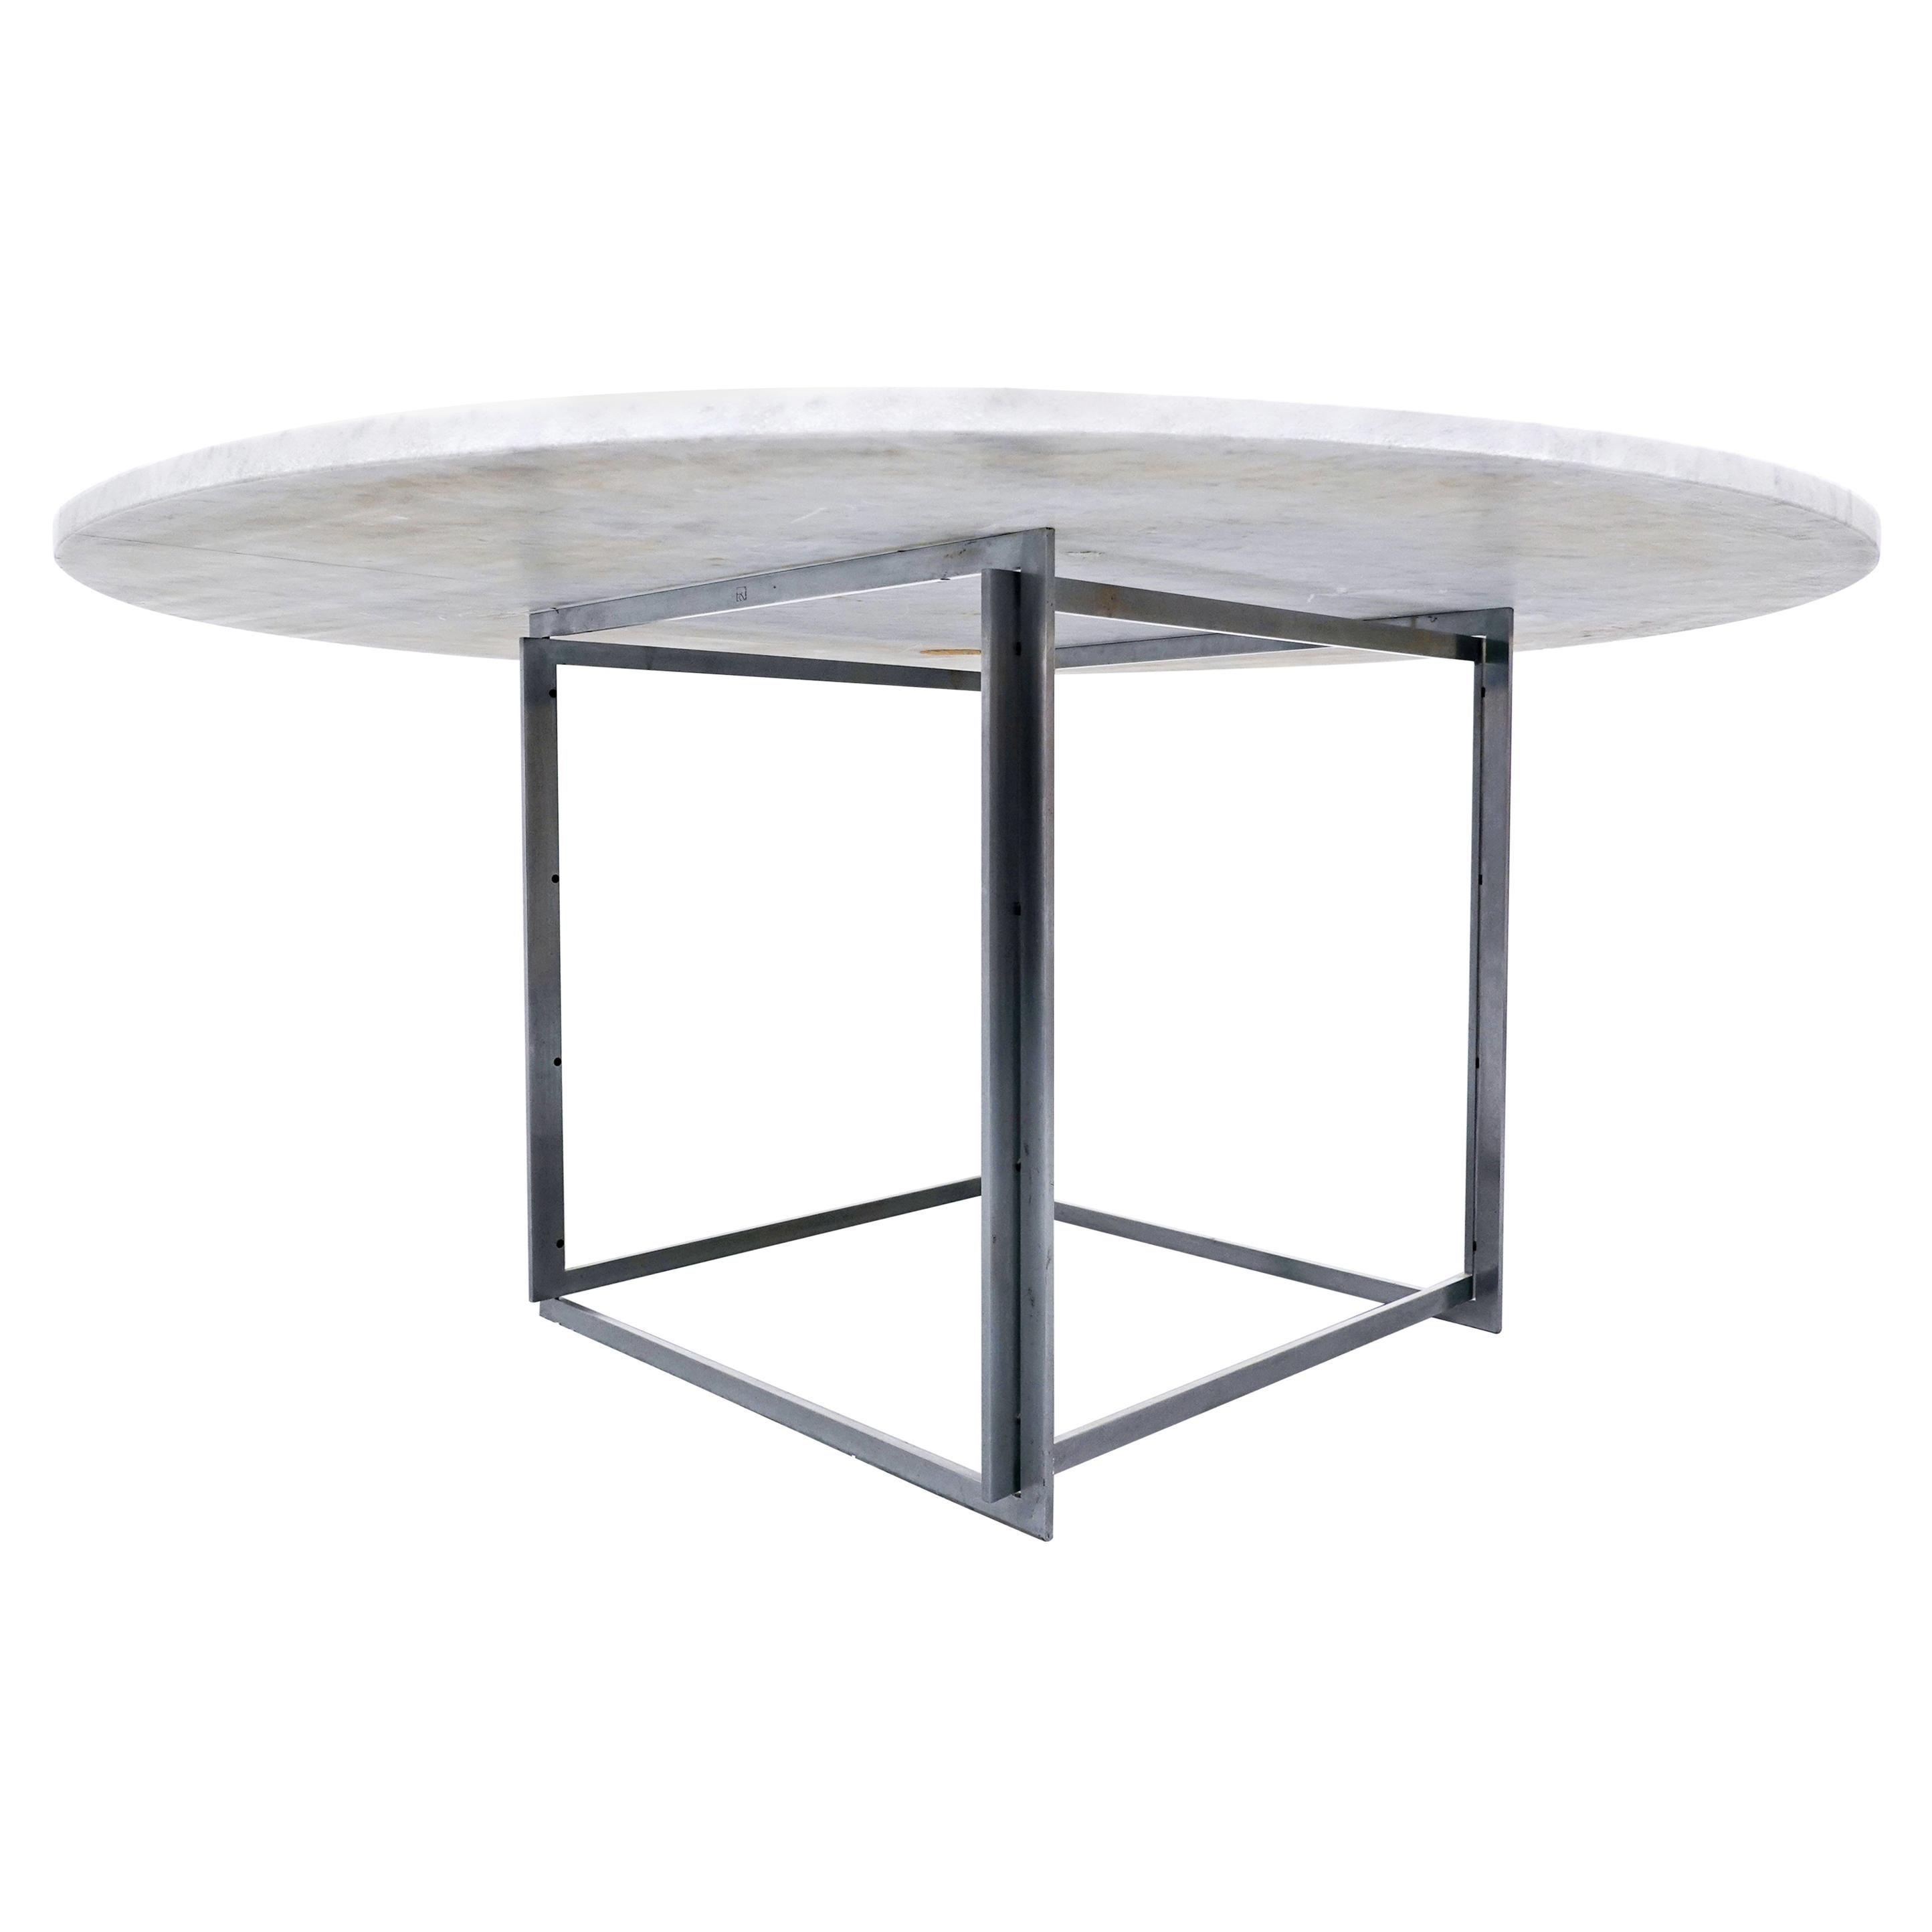 Dining Table PK-54 by Poul Kjærholm for E. Kold Christensen, 1963